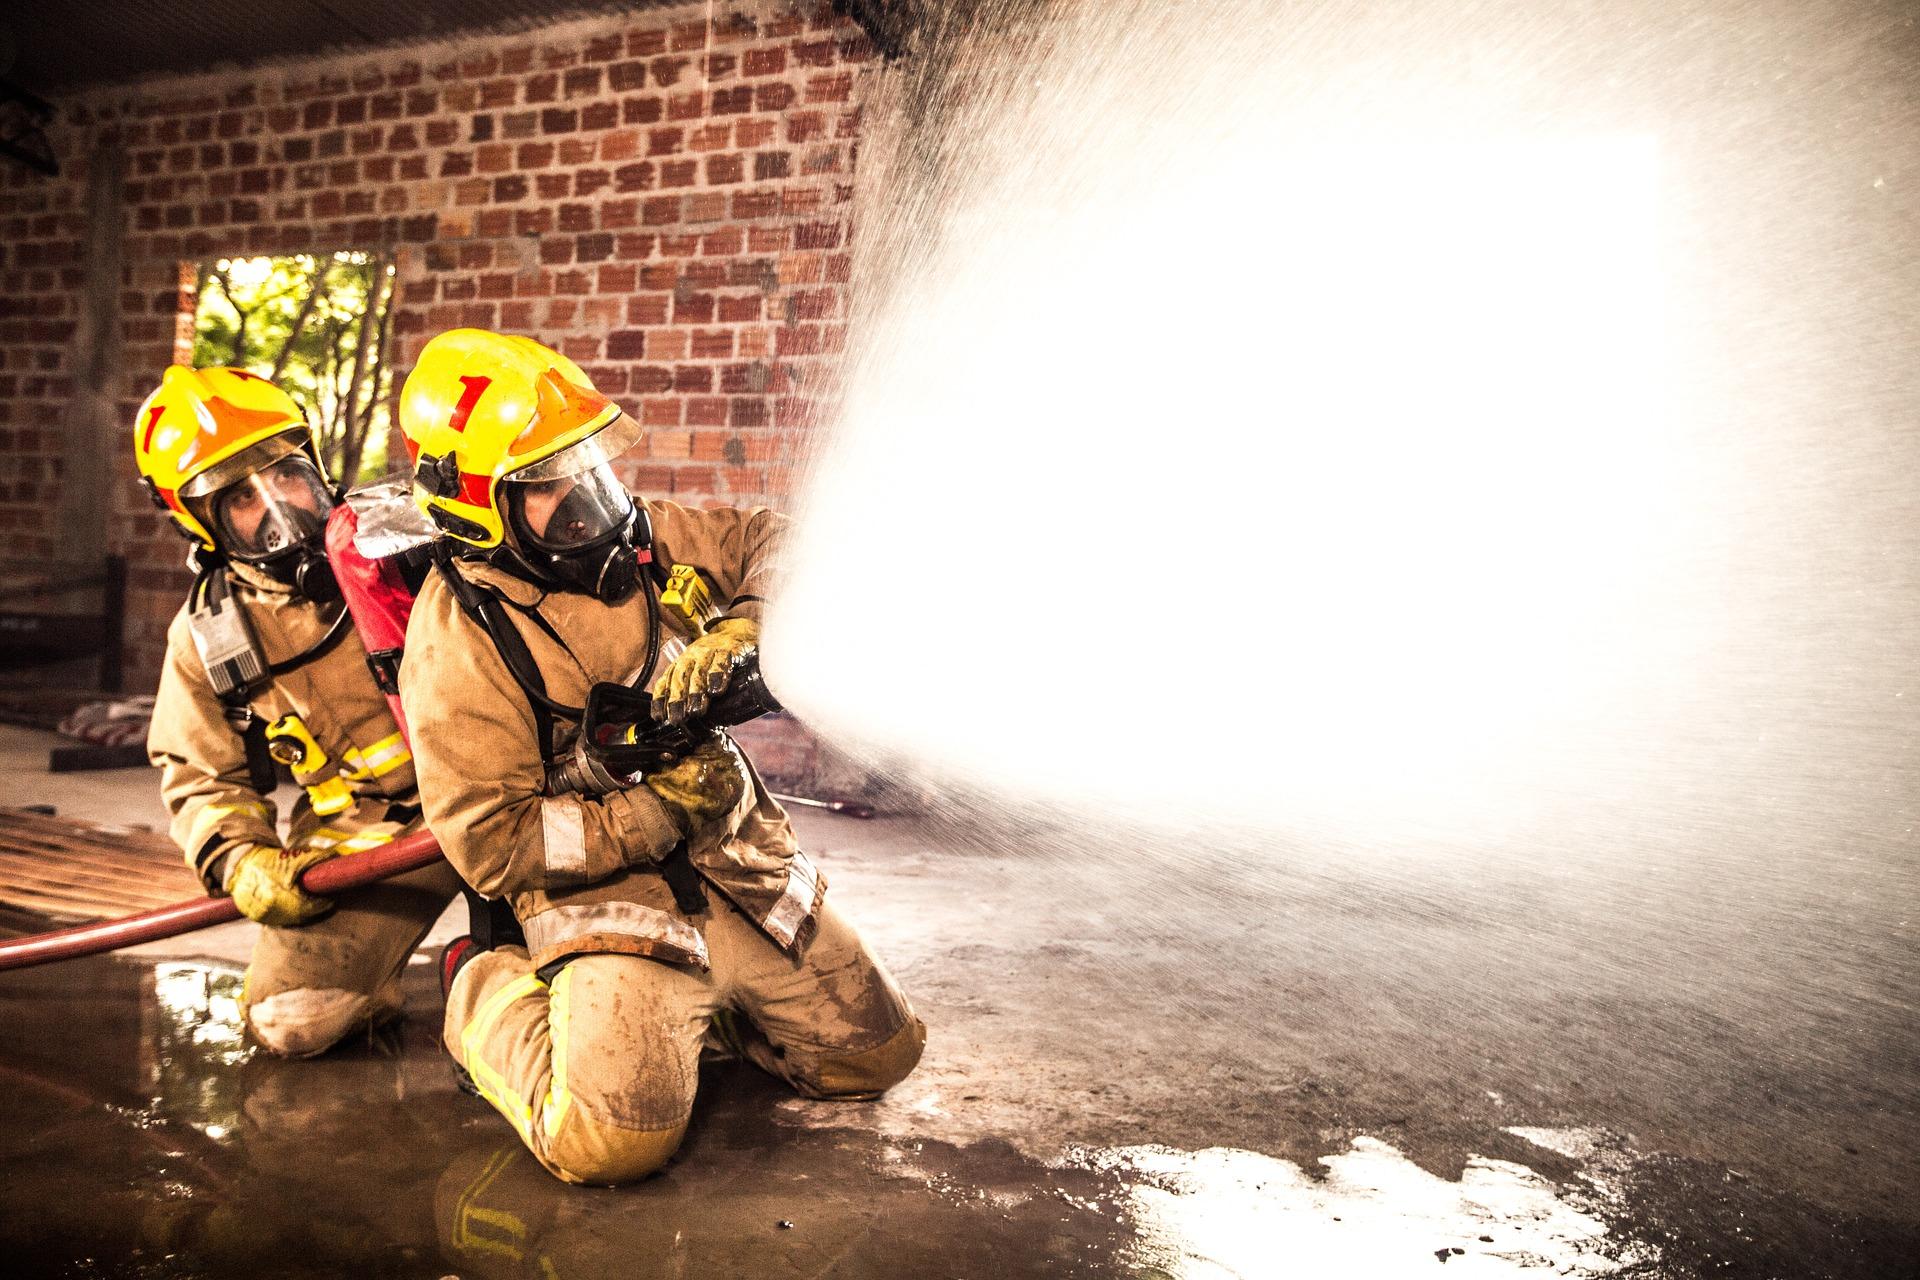 Pożar w mieleckiej firmie. Pracownicy ewakuowani [AKTUALIZACJA] - Zdjęcie główne